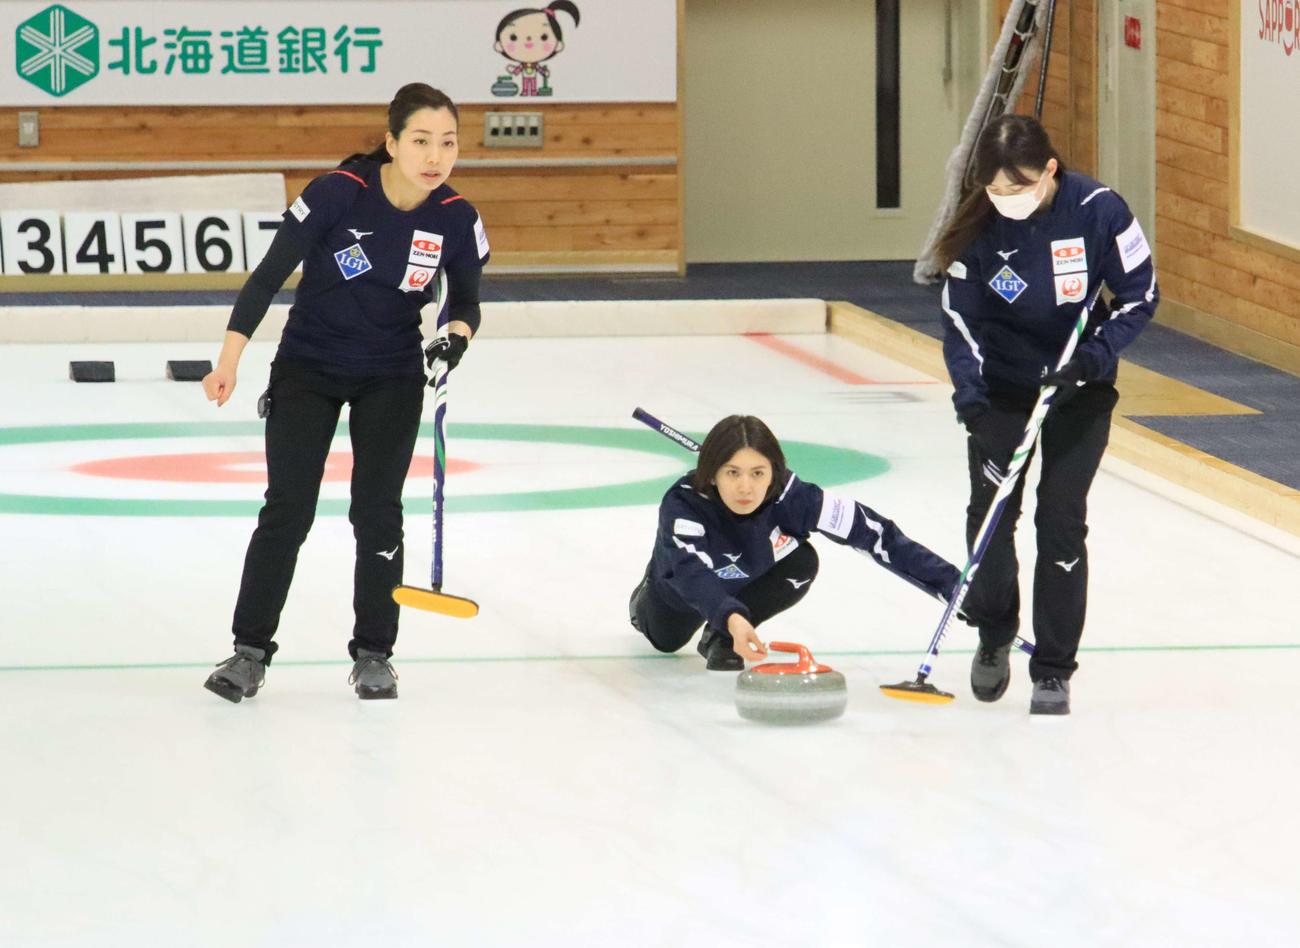 世界選手権に向けた練習を公開したカーリング女子の北海道銀行。左からセカンド近江谷、スキップ吉村、サード小野寺(撮影・保坂果那)